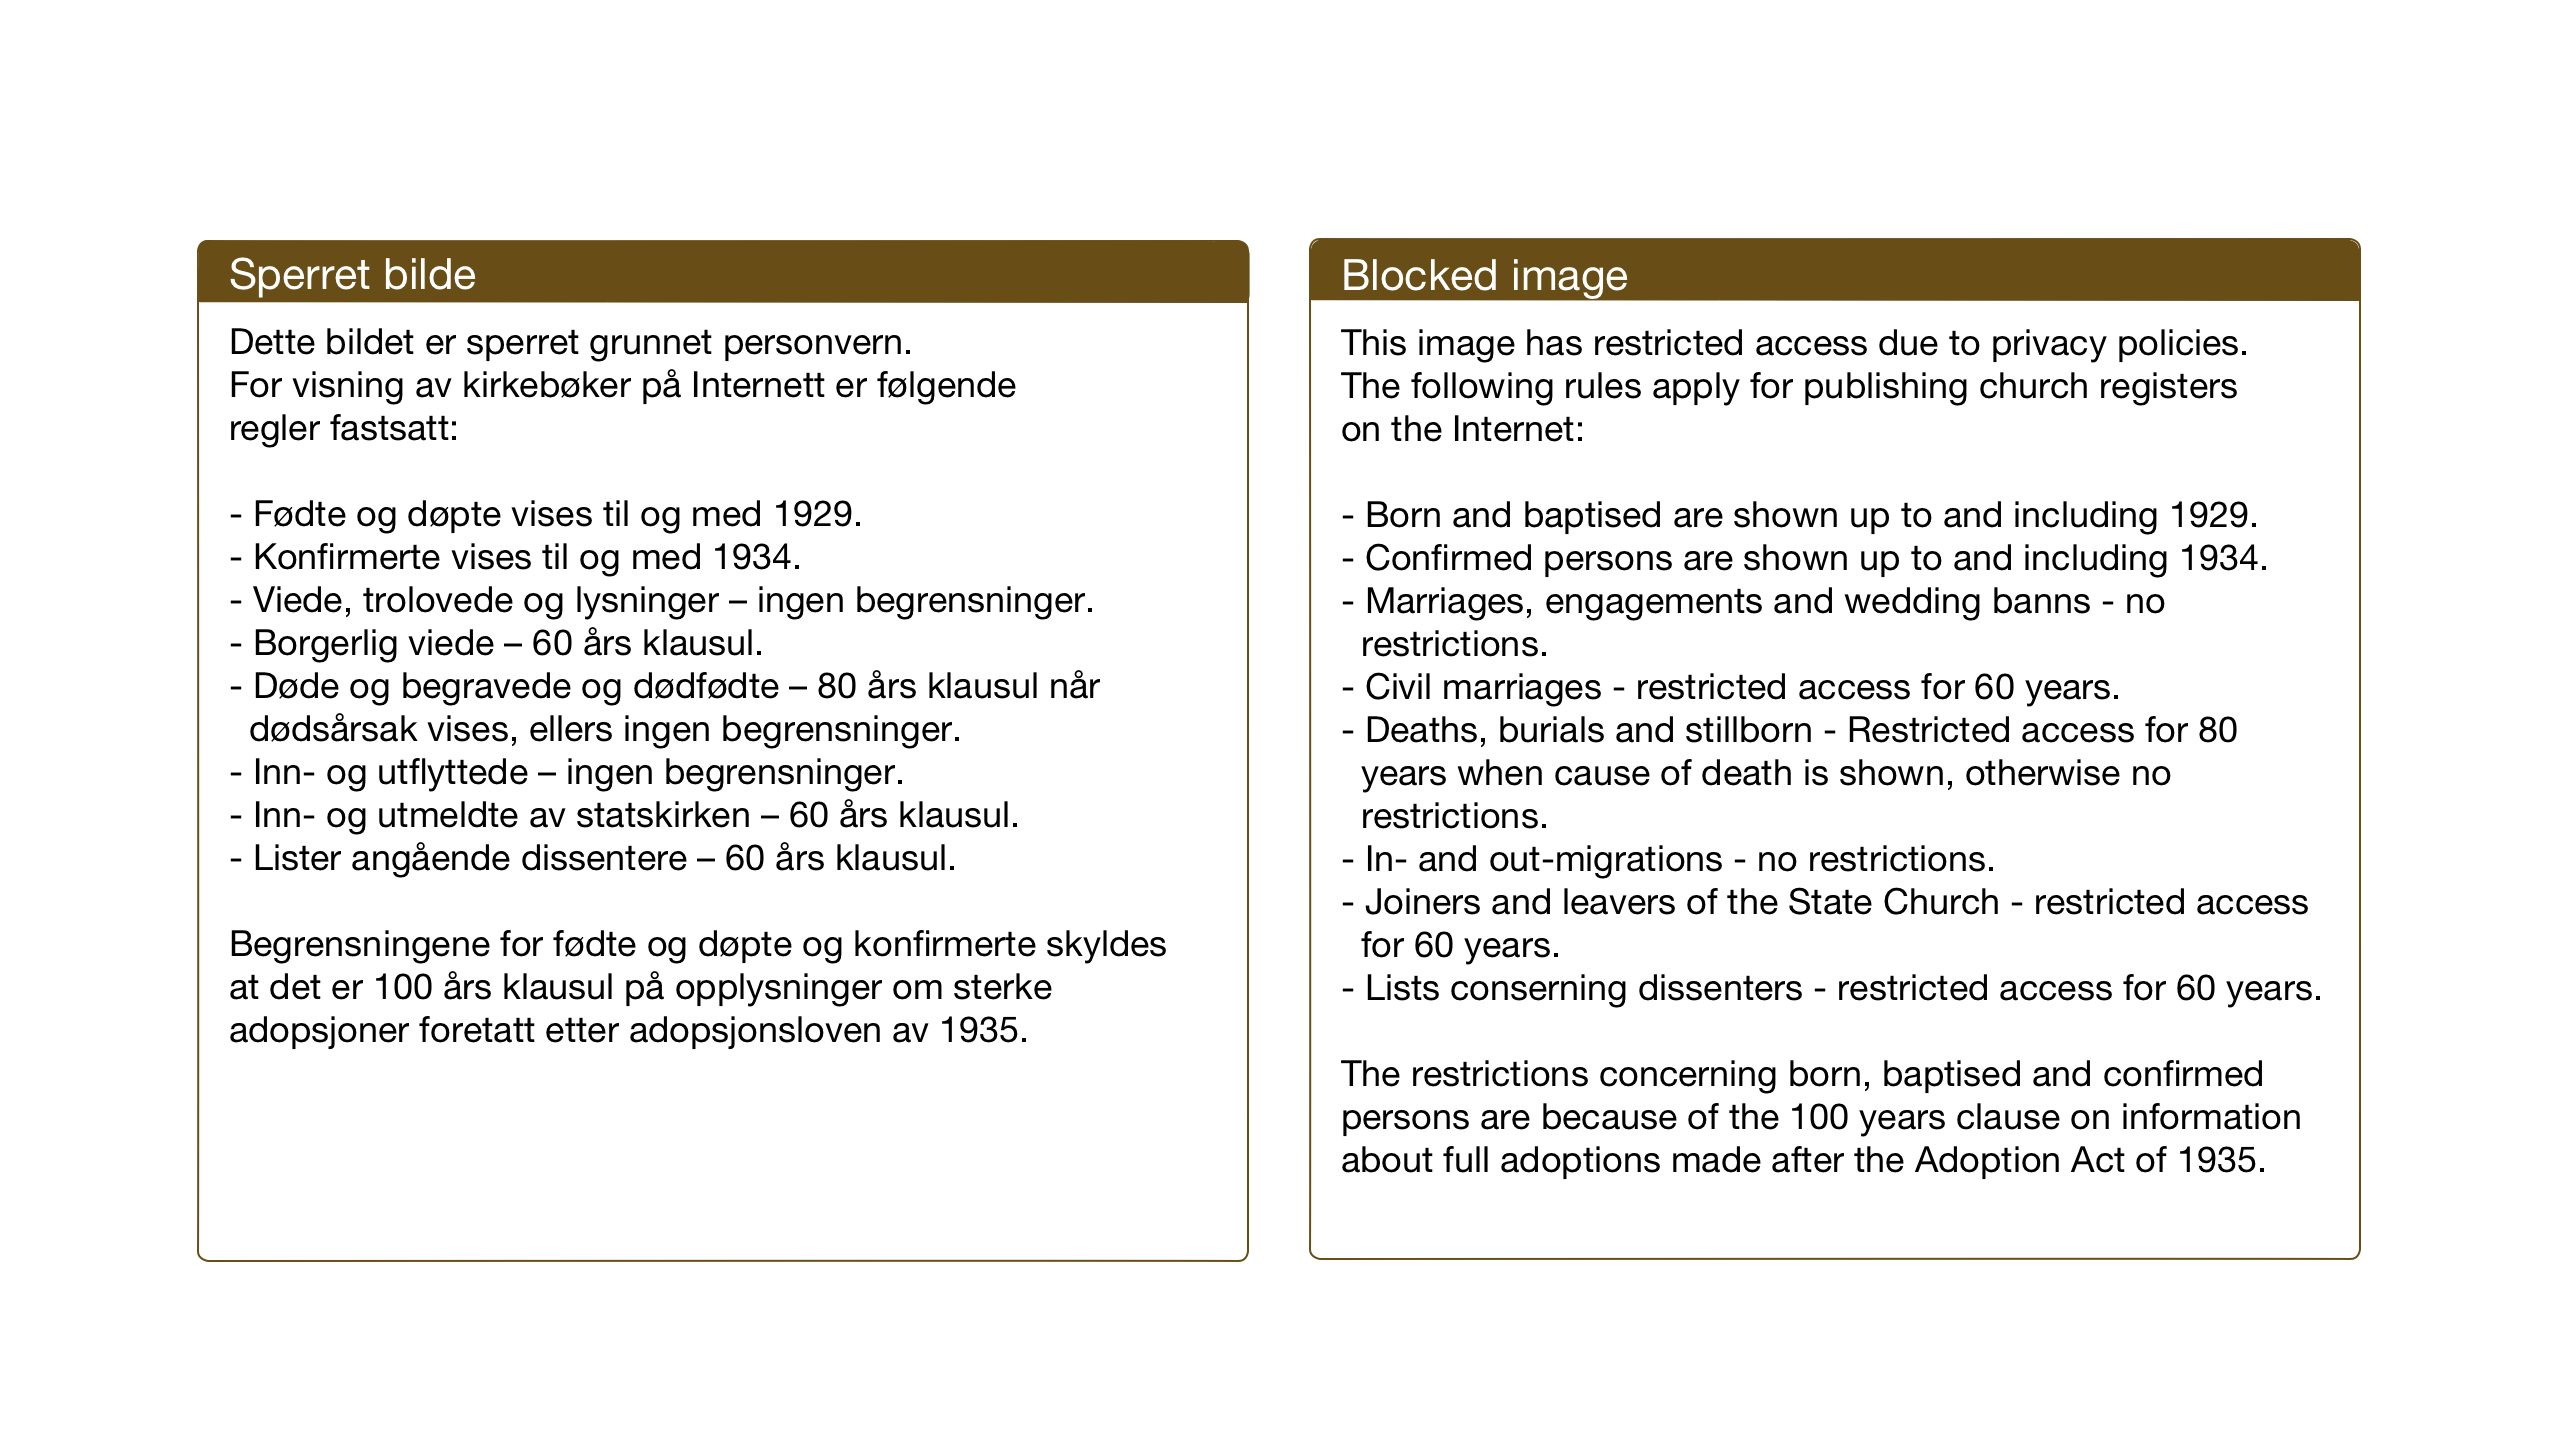 SAT, Ministerialprotokoller, klokkerbøker og fødselsregistre - Nord-Trøndelag, 770/L0592: Klokkerbok nr. 770C03, 1941-1950, s. 69